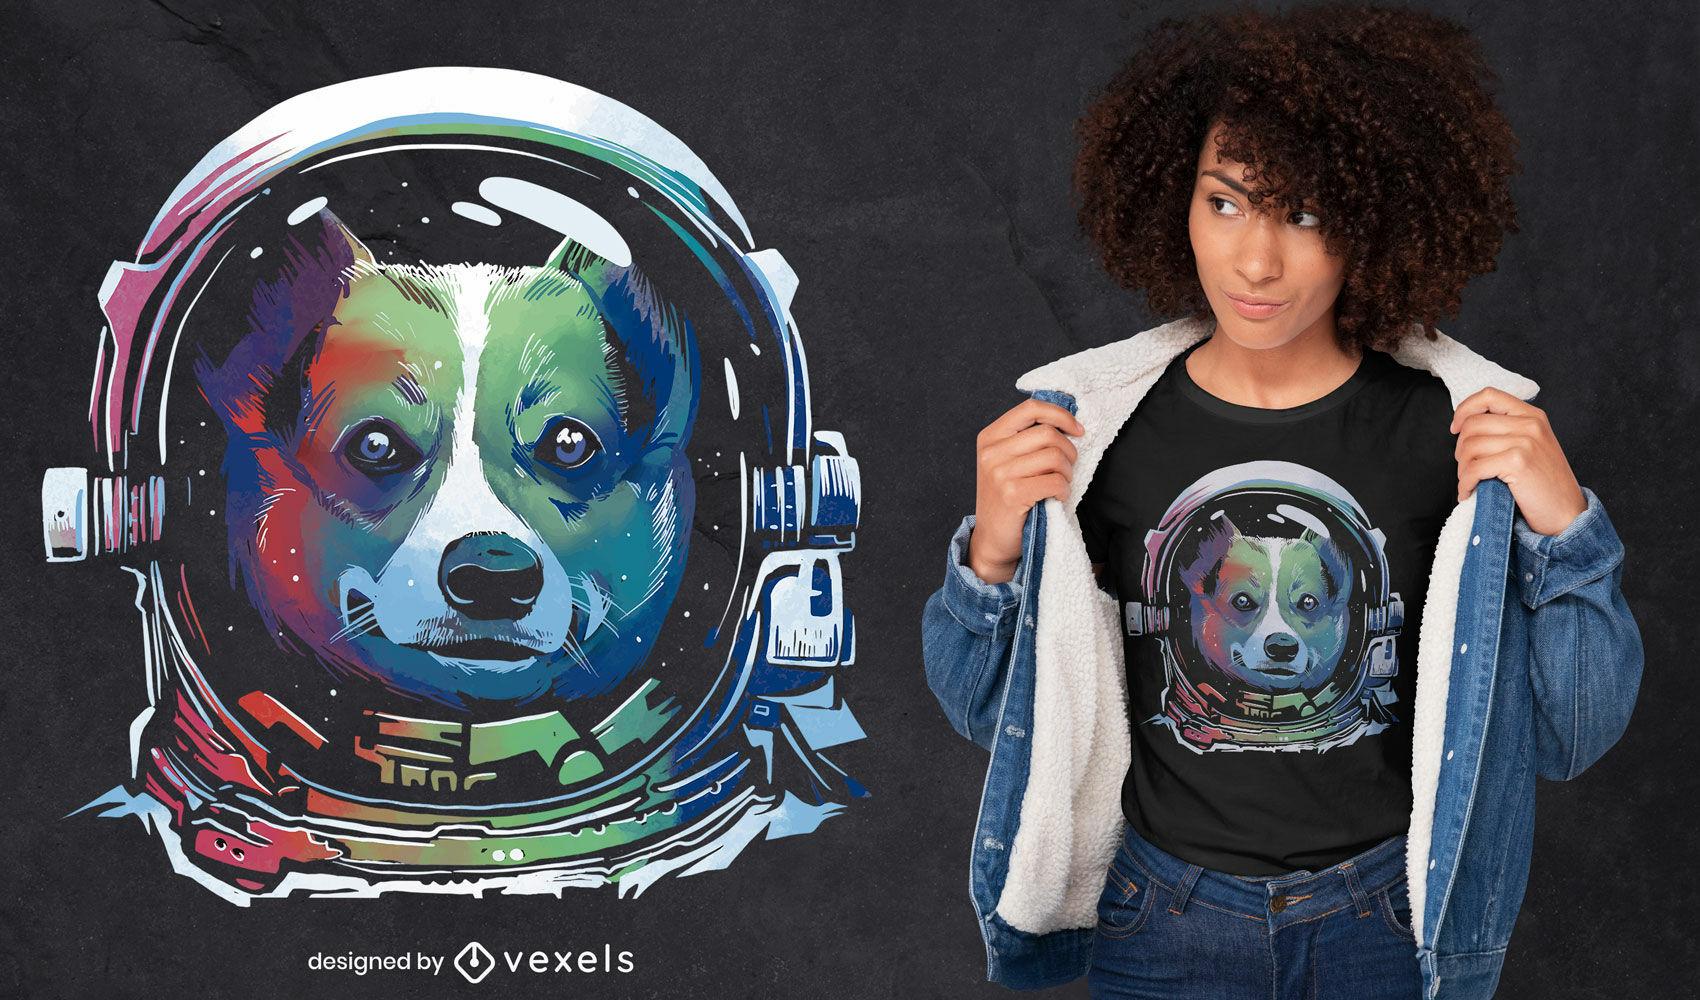 Dise?o de camiseta de perro astronauta arcoiris psd